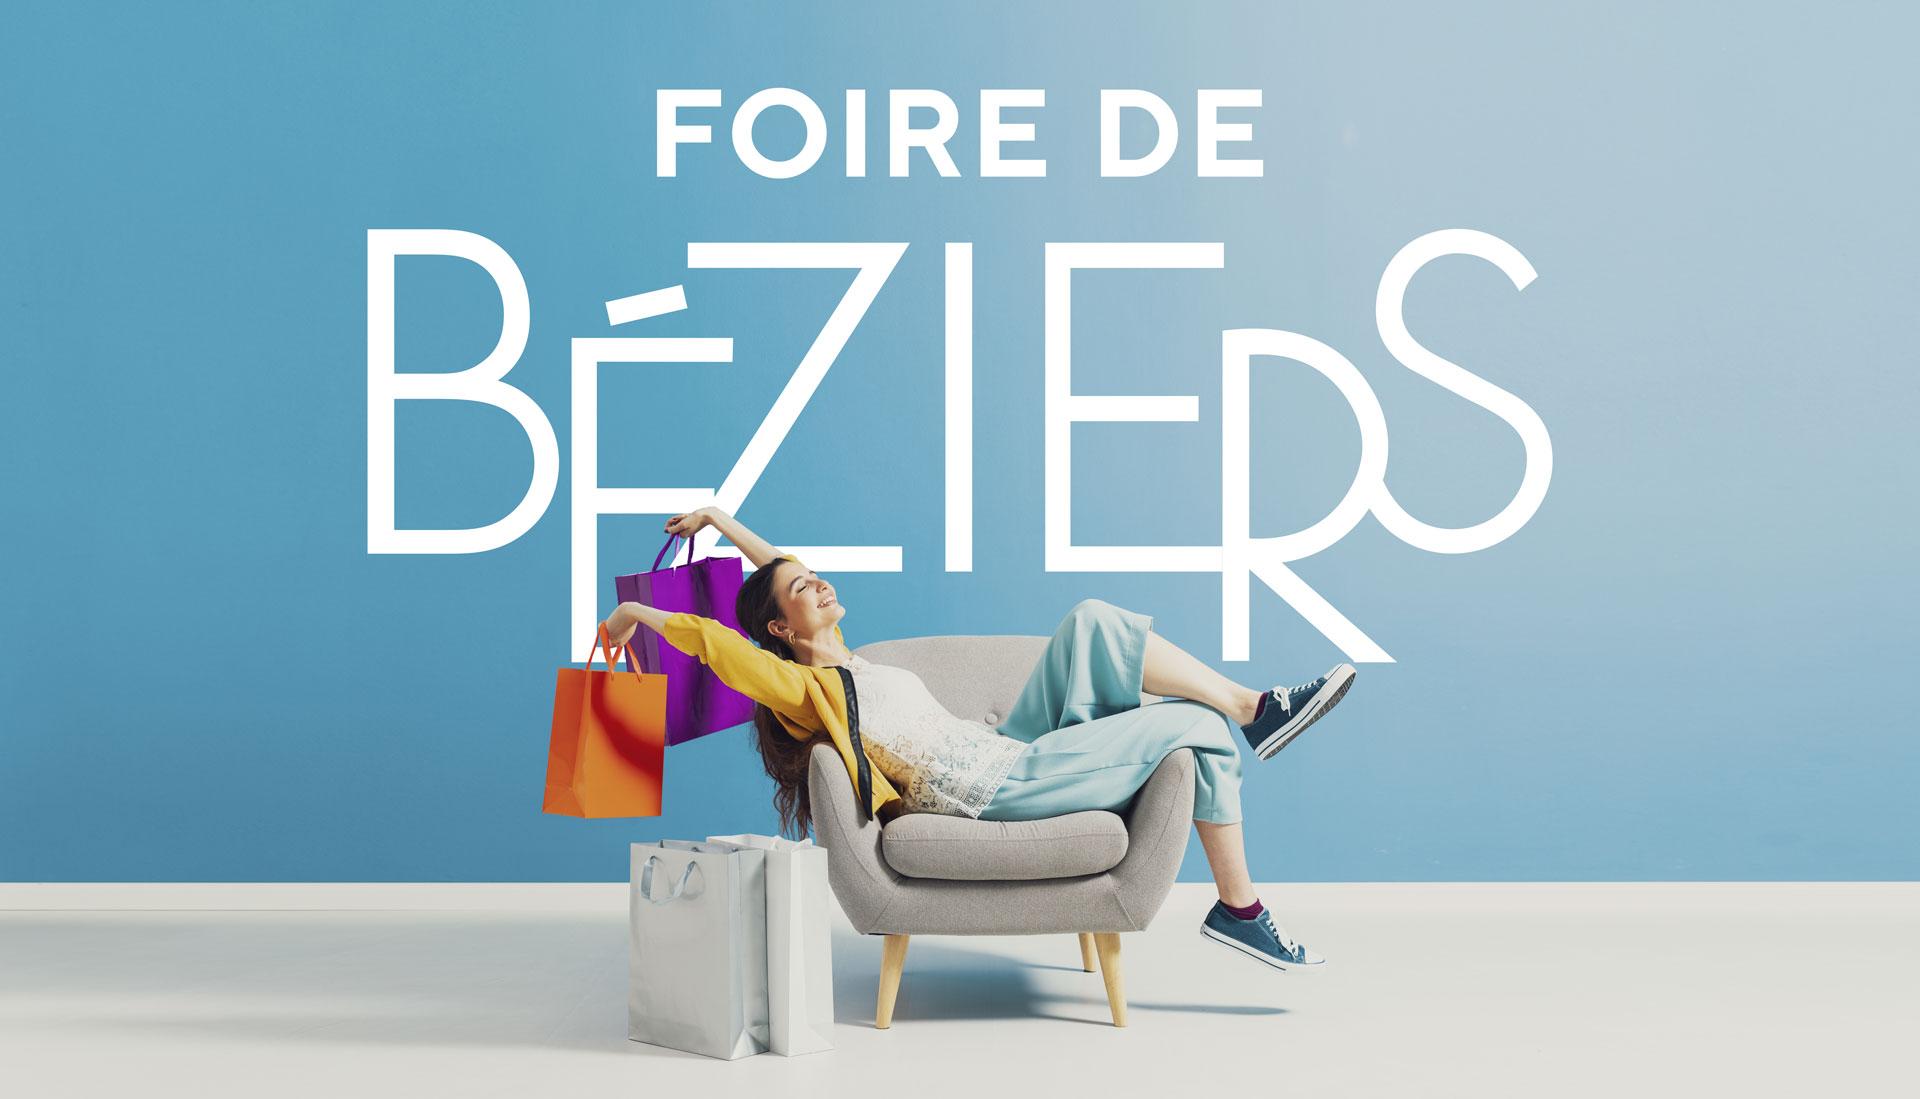 La Foire De Béziers 2020 Invite La Mode